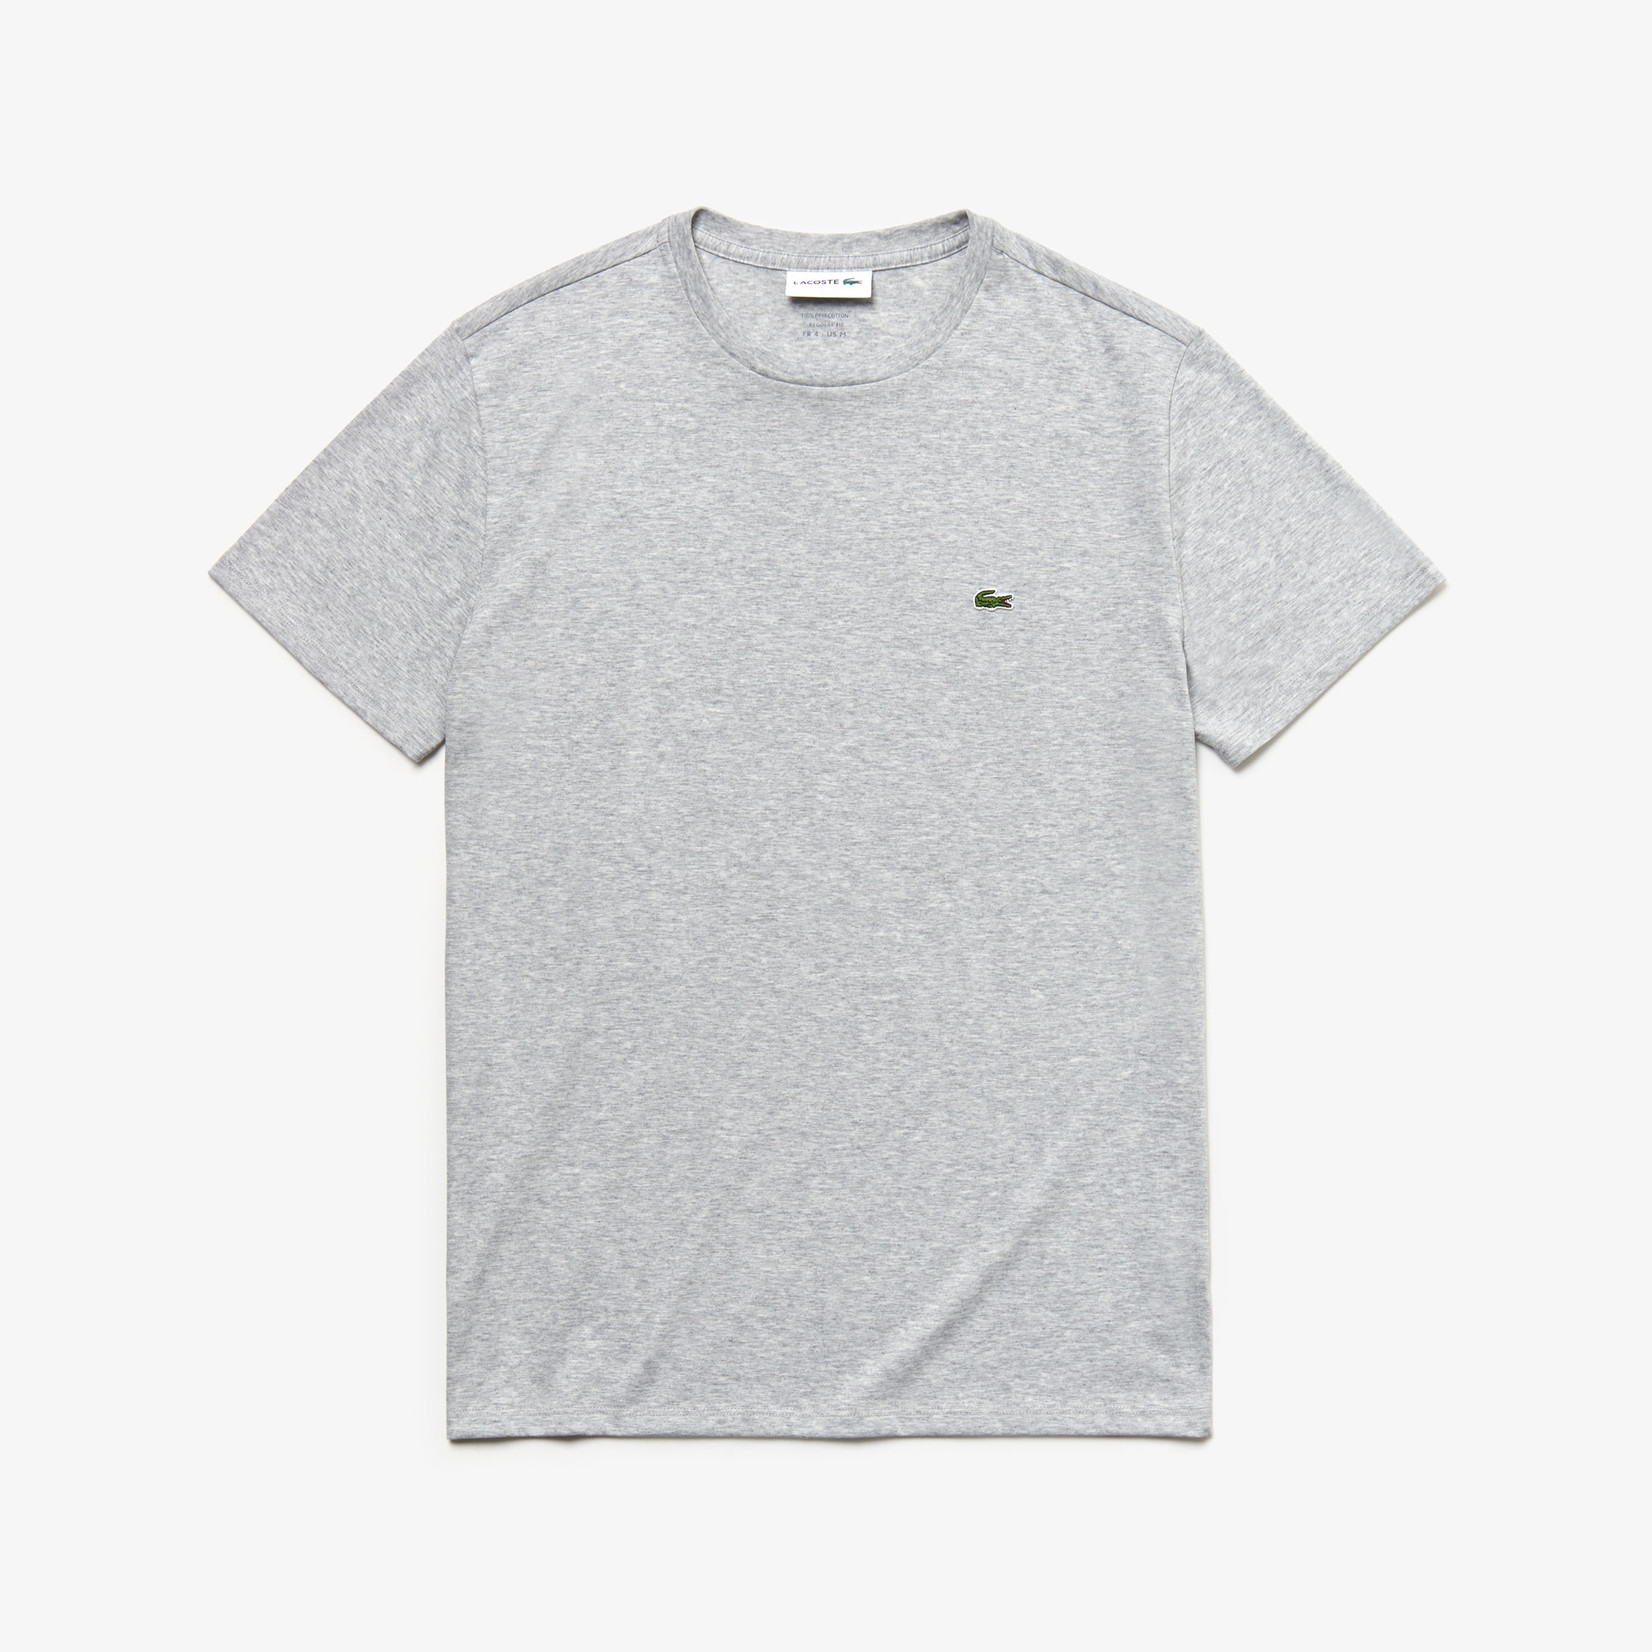 Lacoste t-shirt lichtgrijs